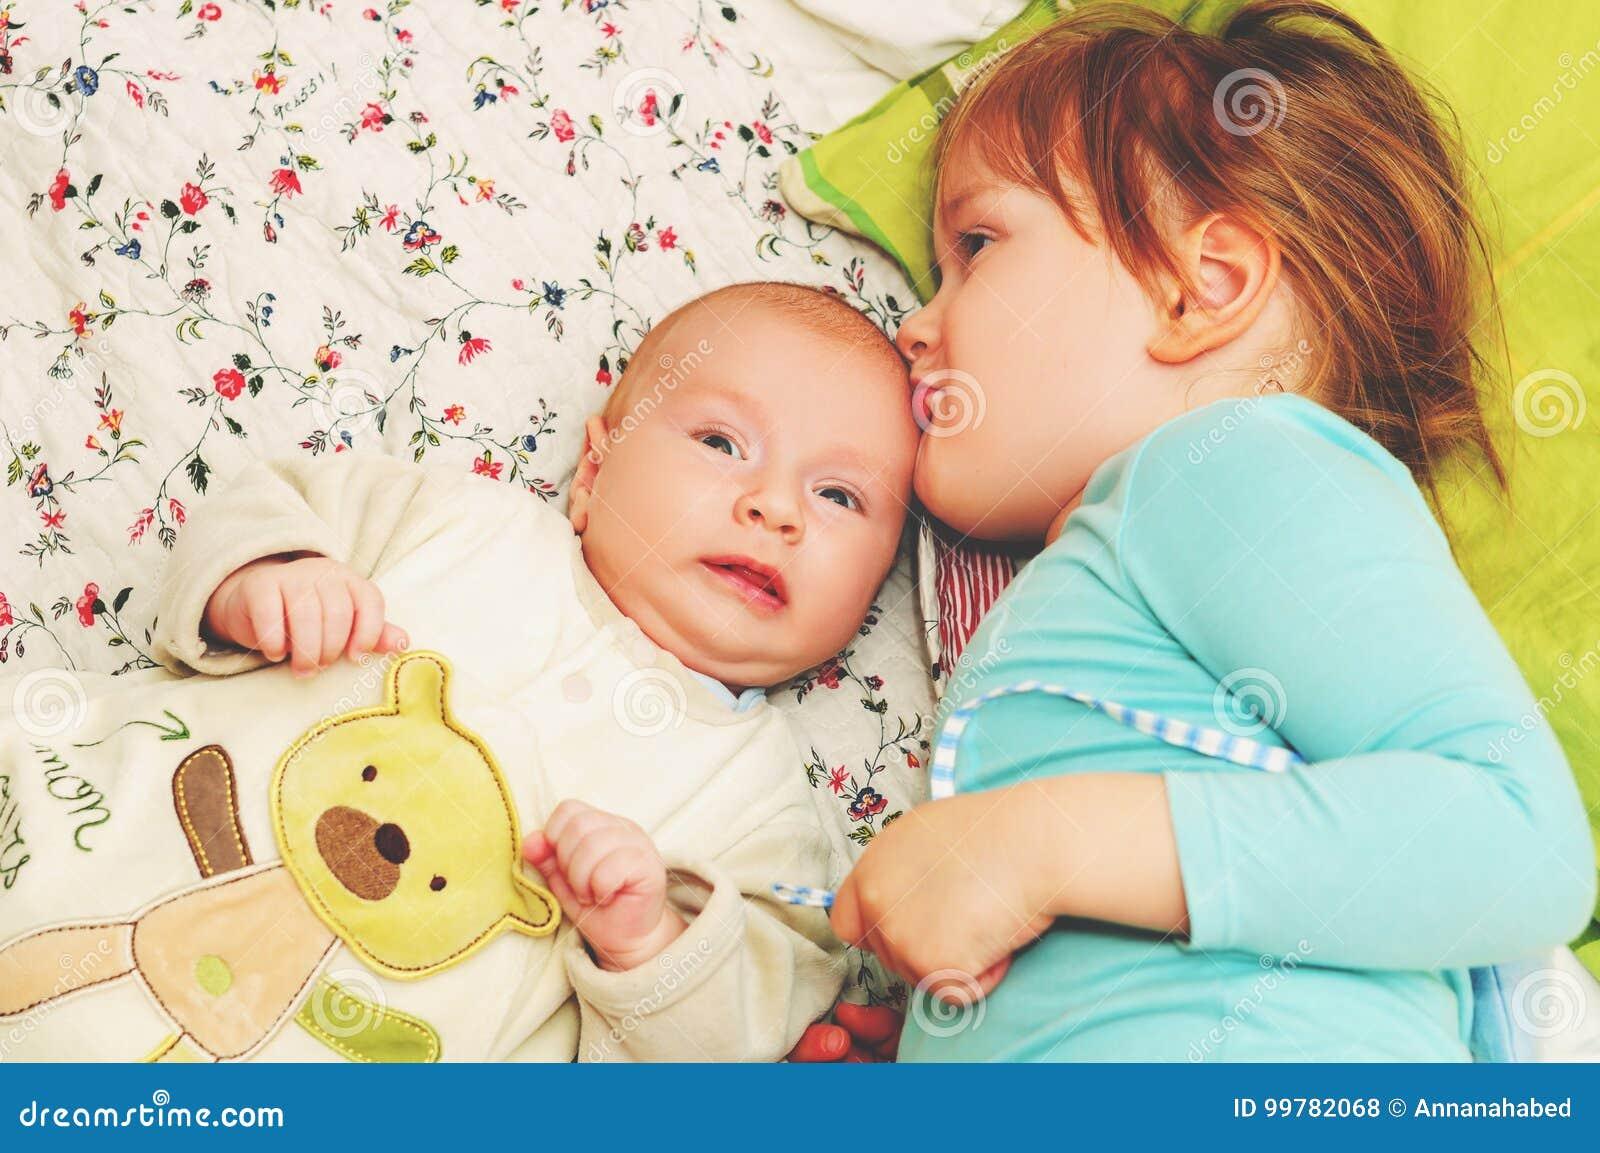 Two cute kids portrait